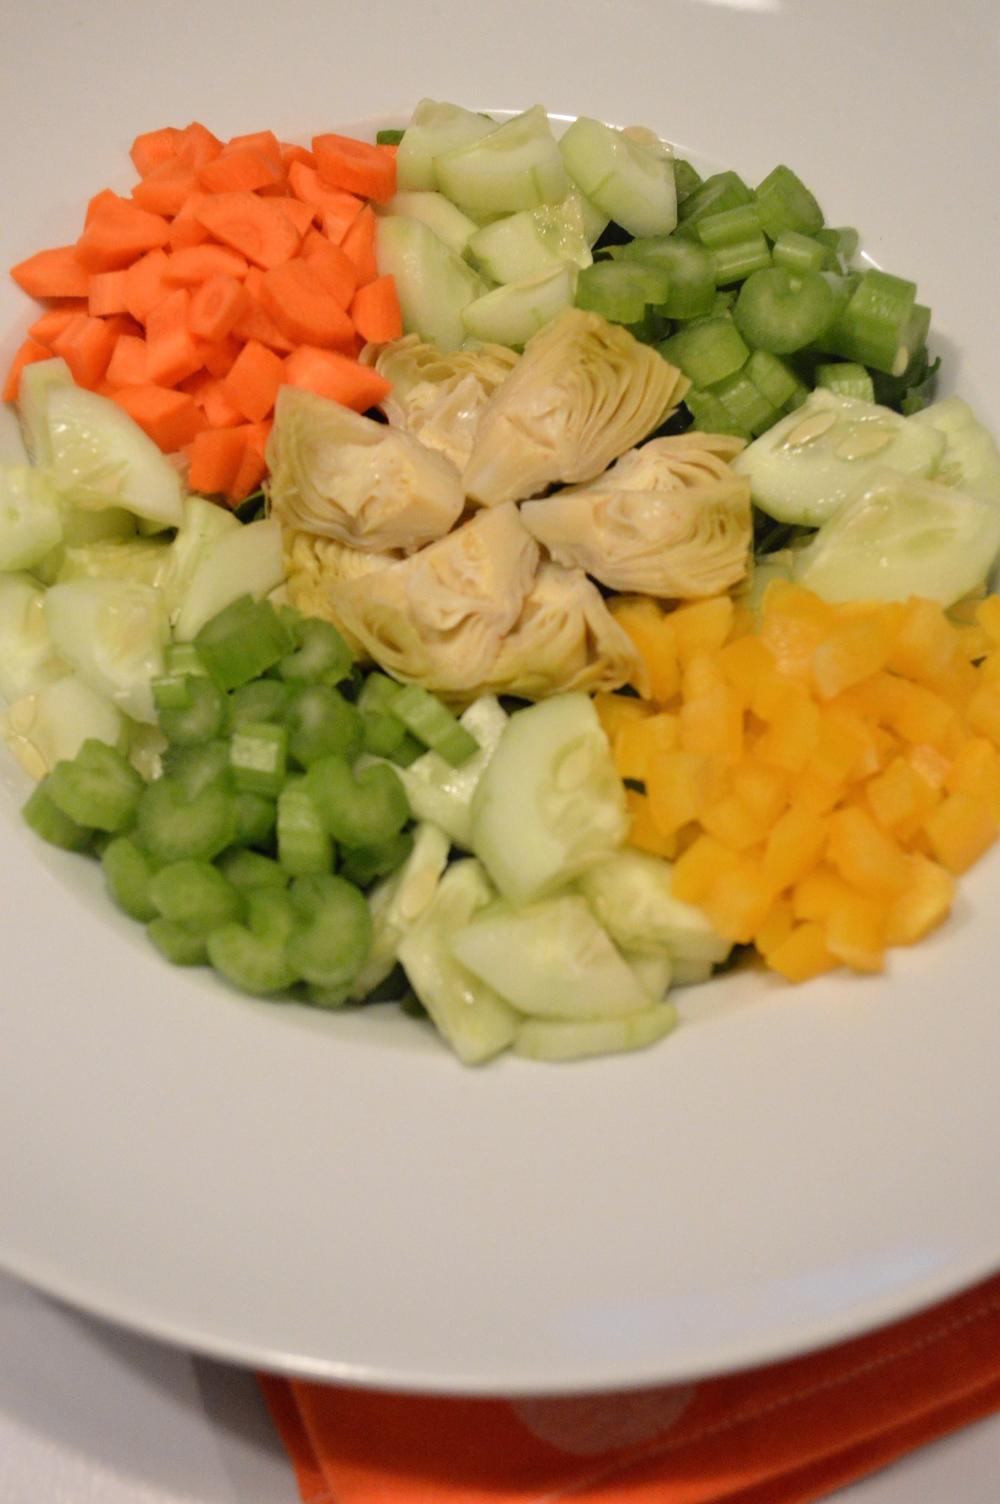 Health-Beauty-Detox-Salad-LaurenSchwaiger-Blog.jpg